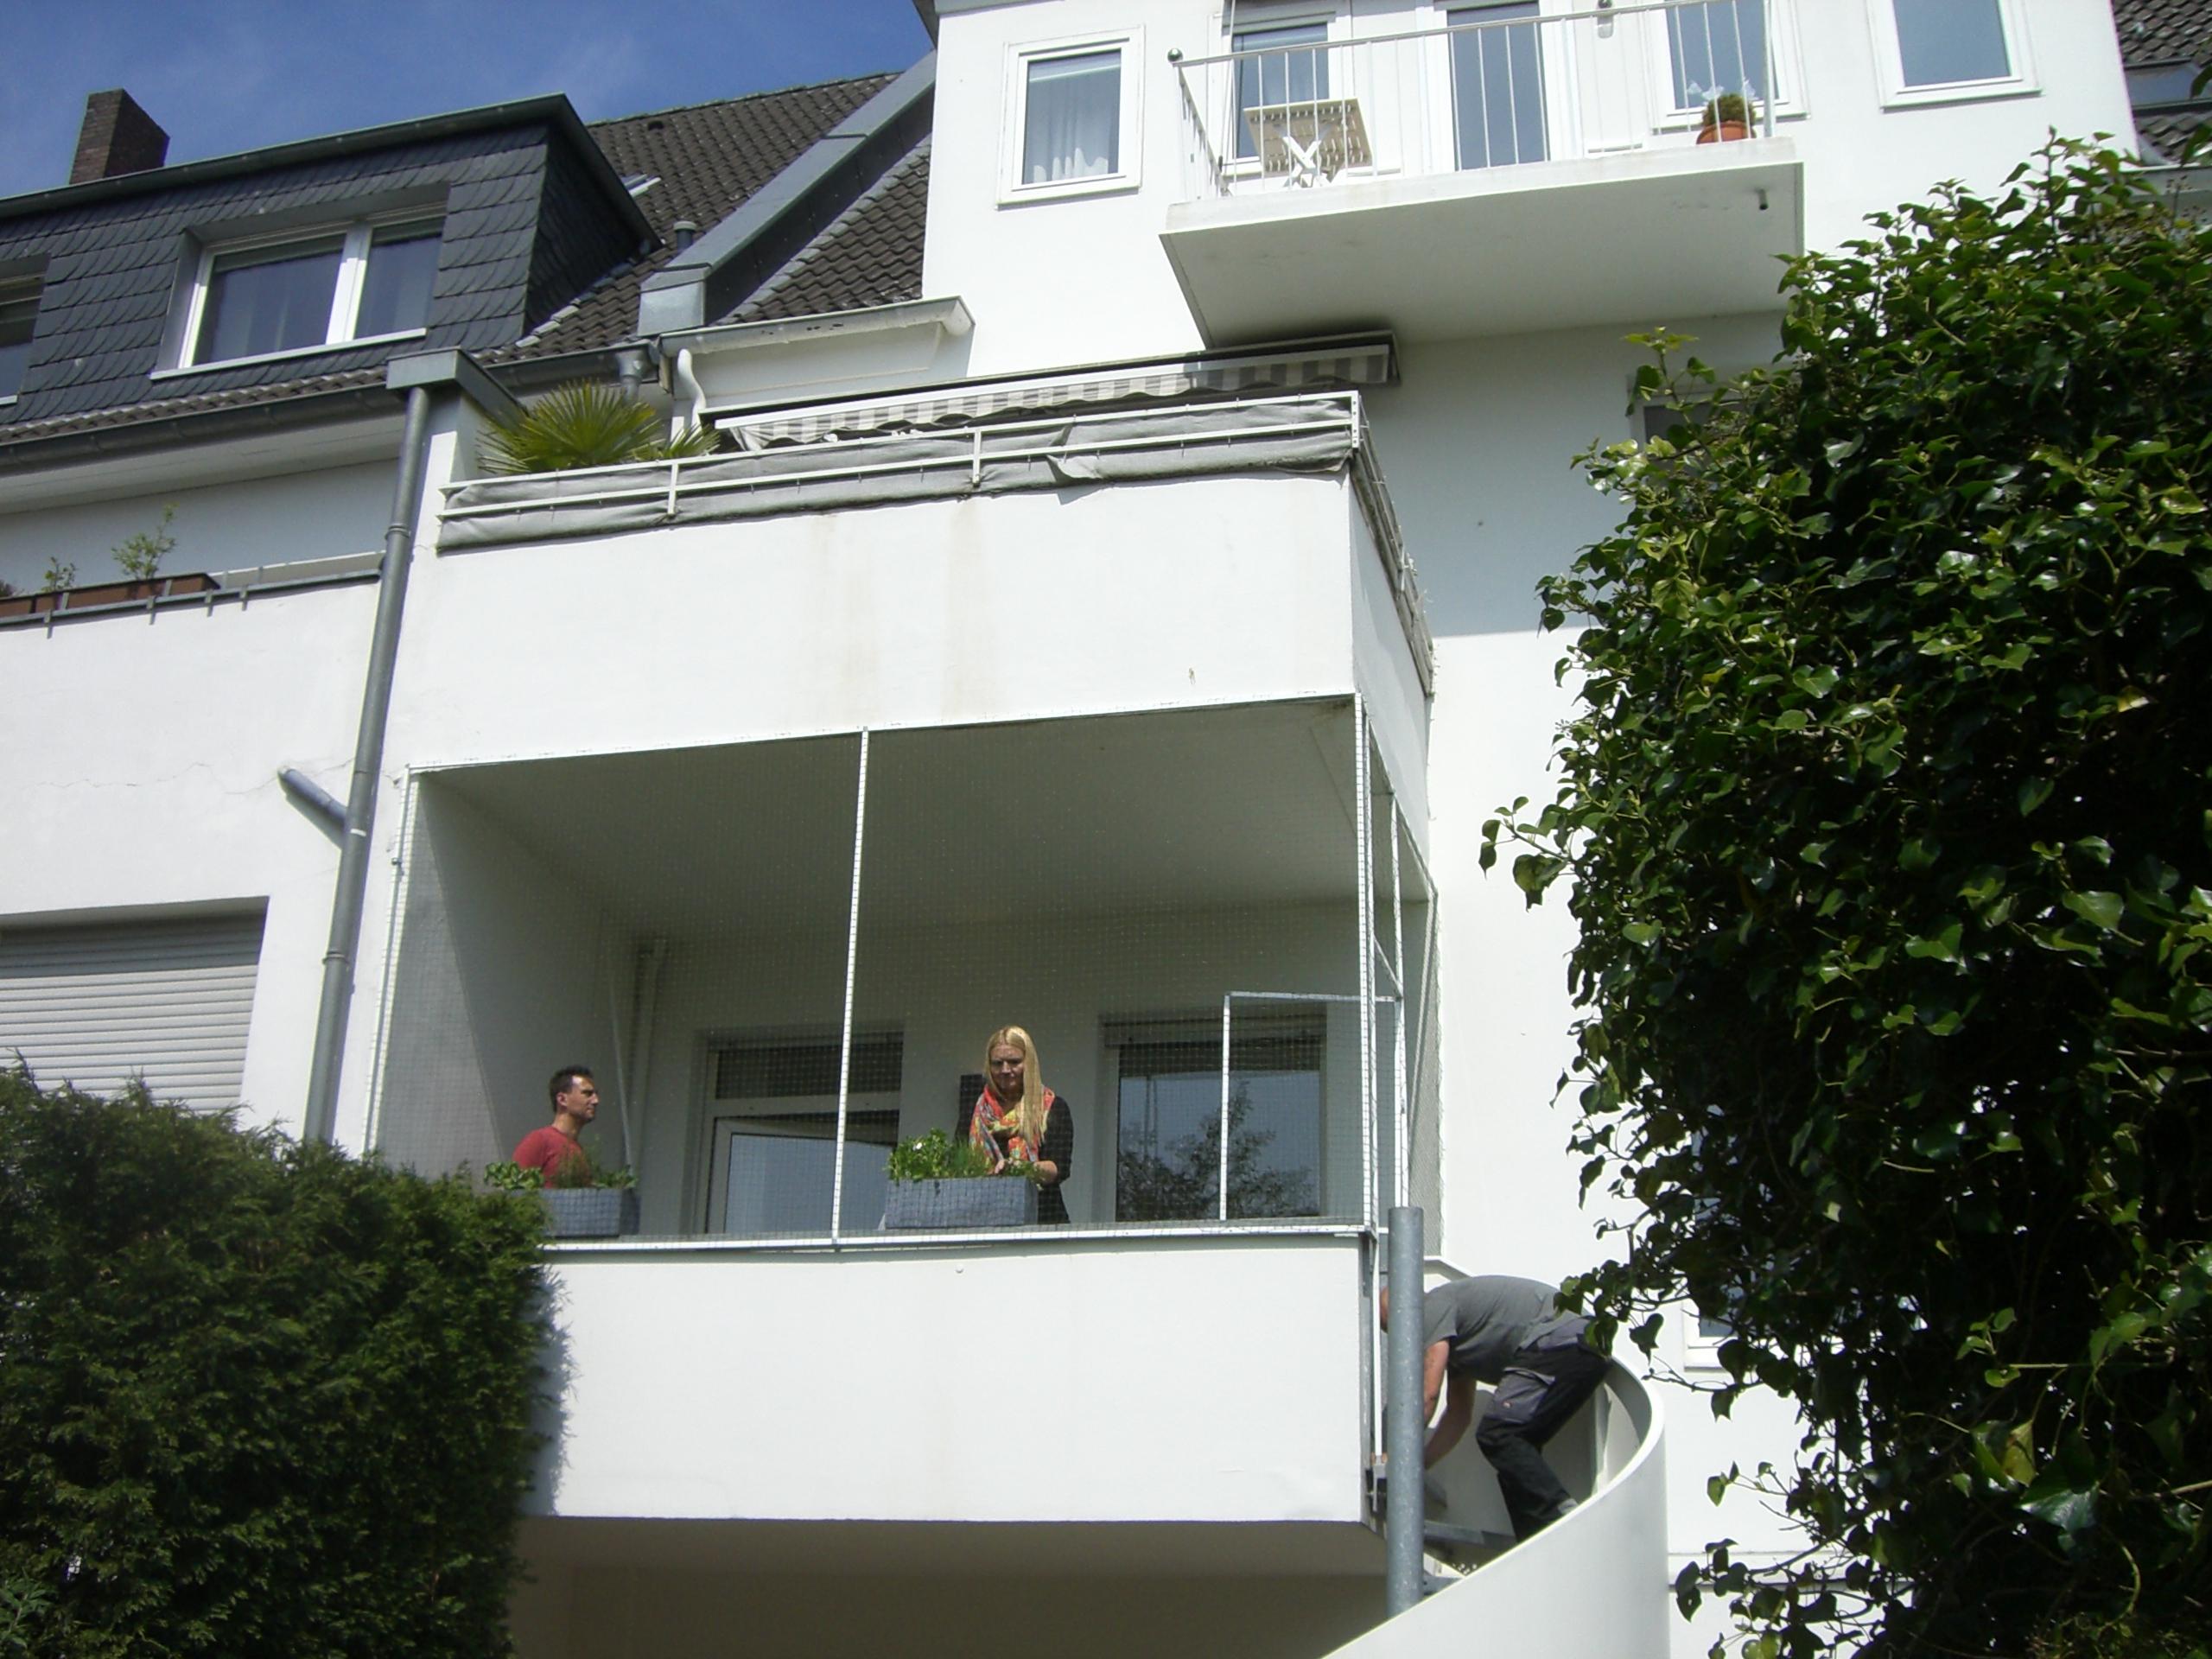 Balkonvernetzung Balkonnetz Fur Katzen Katzennetze Fur Balkon